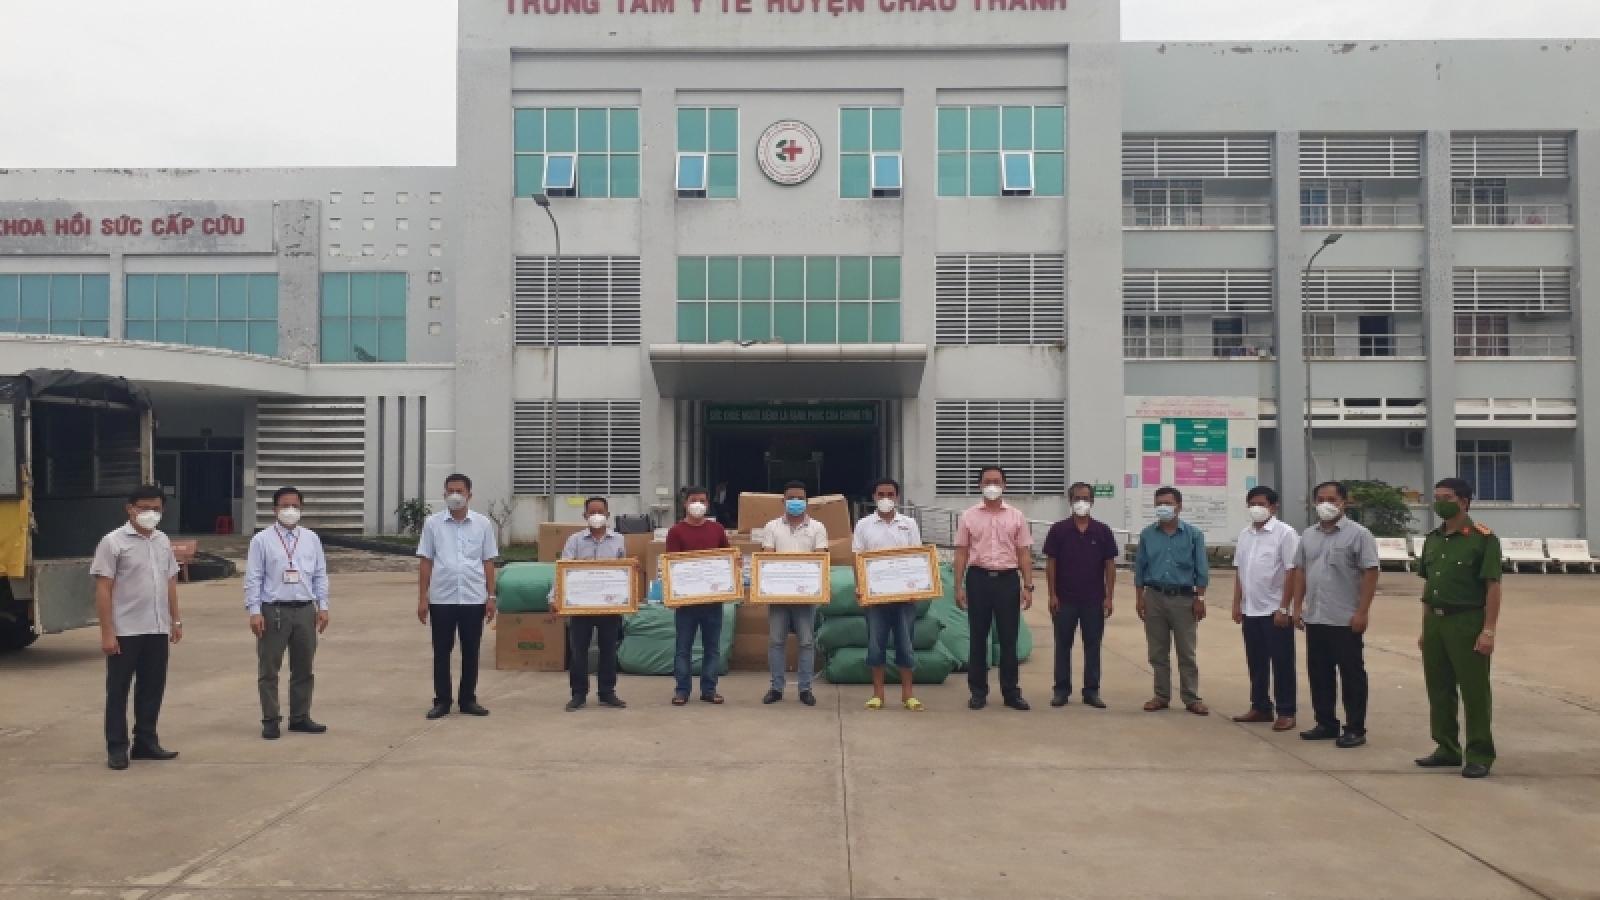 Nghệ sĩ Quyền Linh và nhóm thiện nguyện tặng vật tư y tế, lương thực trị giá 1,2 tỷ đồng